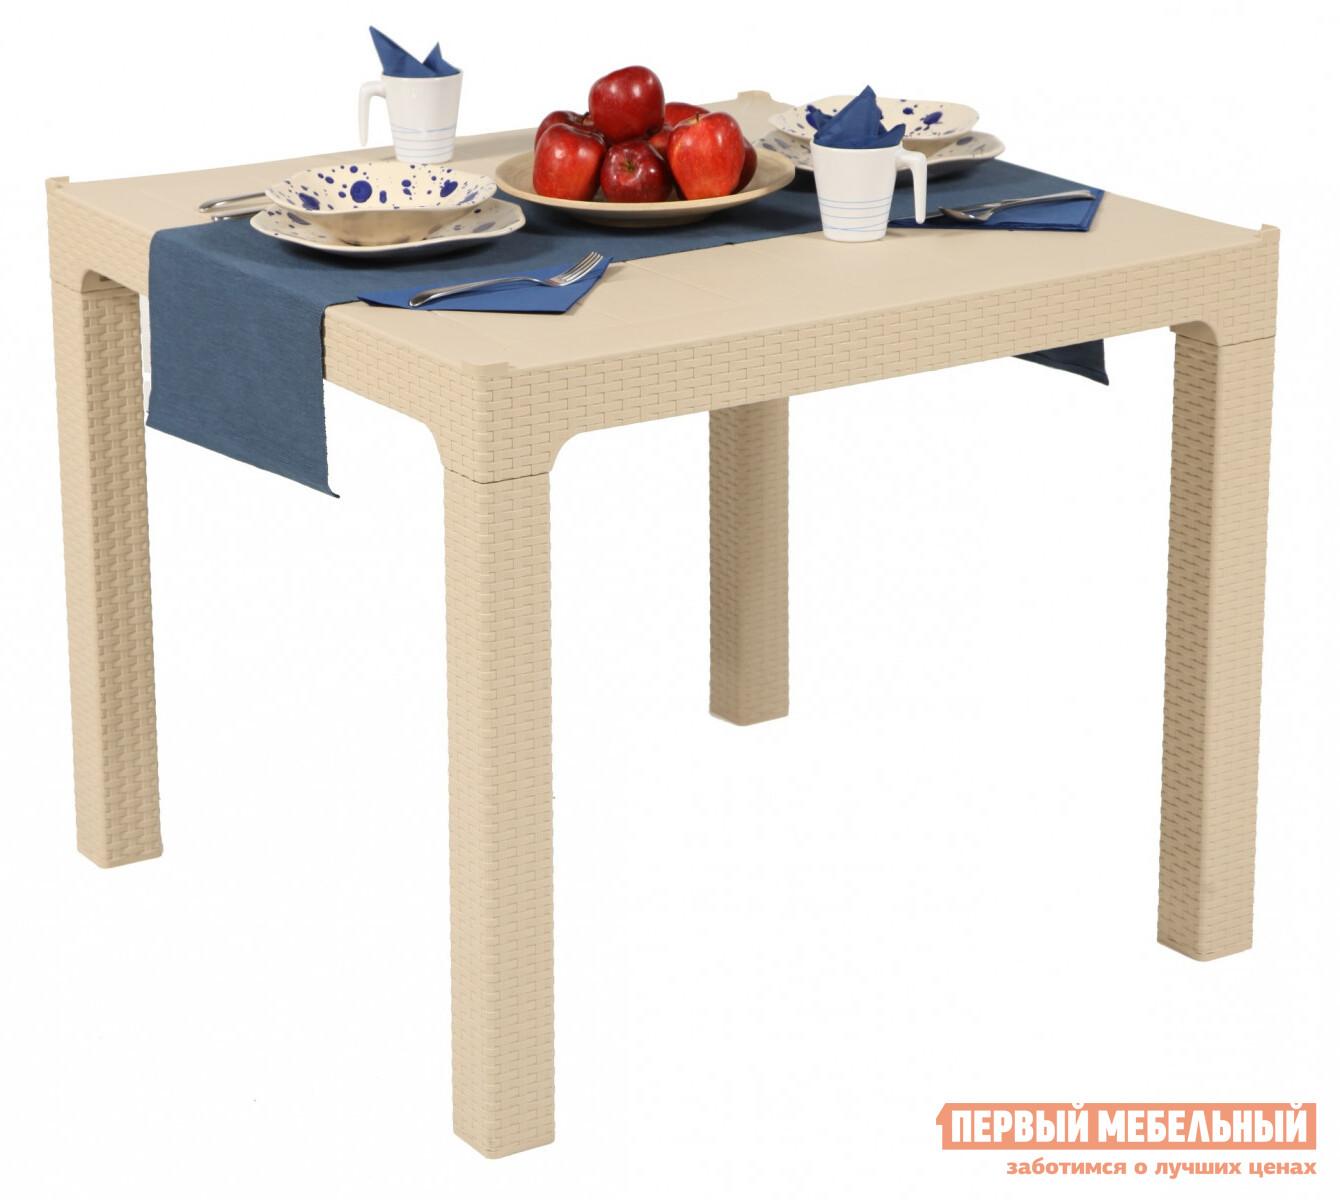 Садовый стол Рихаус Стол пластиковый Arizona без стекла DEL/AR-R/90x90/F